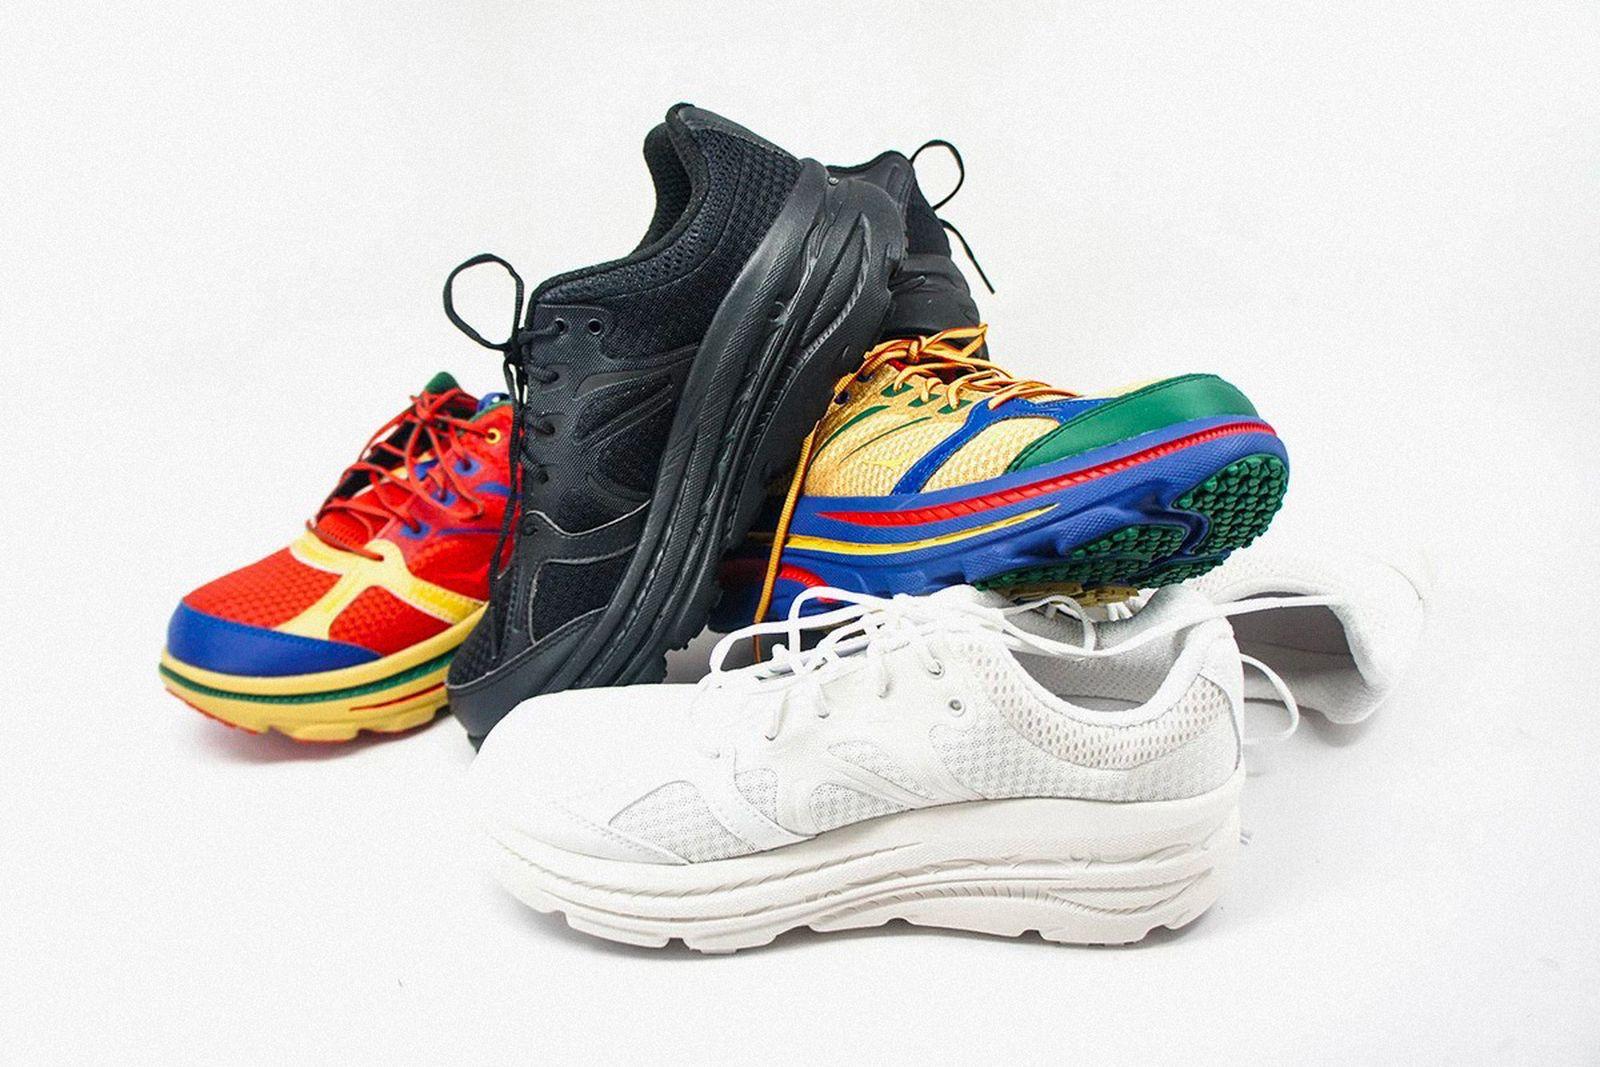 Hoka ONE x Engineered Garments Sneakers Trail